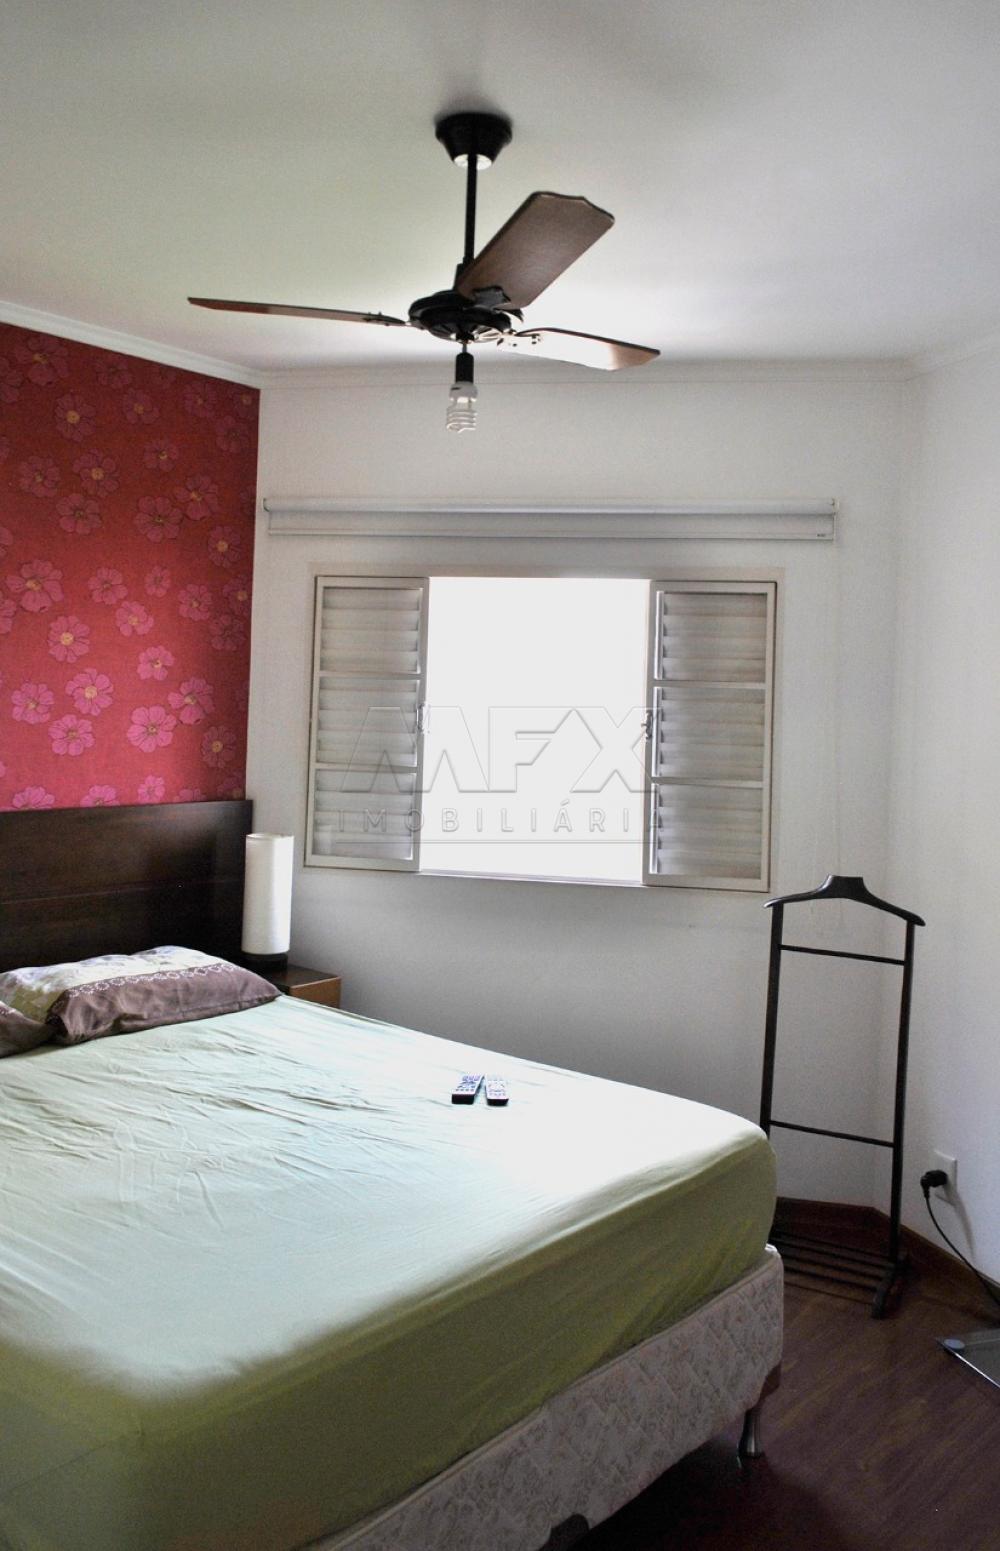 Comprar Apartamento / Padrão em Bauru R$ 320.000,00 - Foto 10